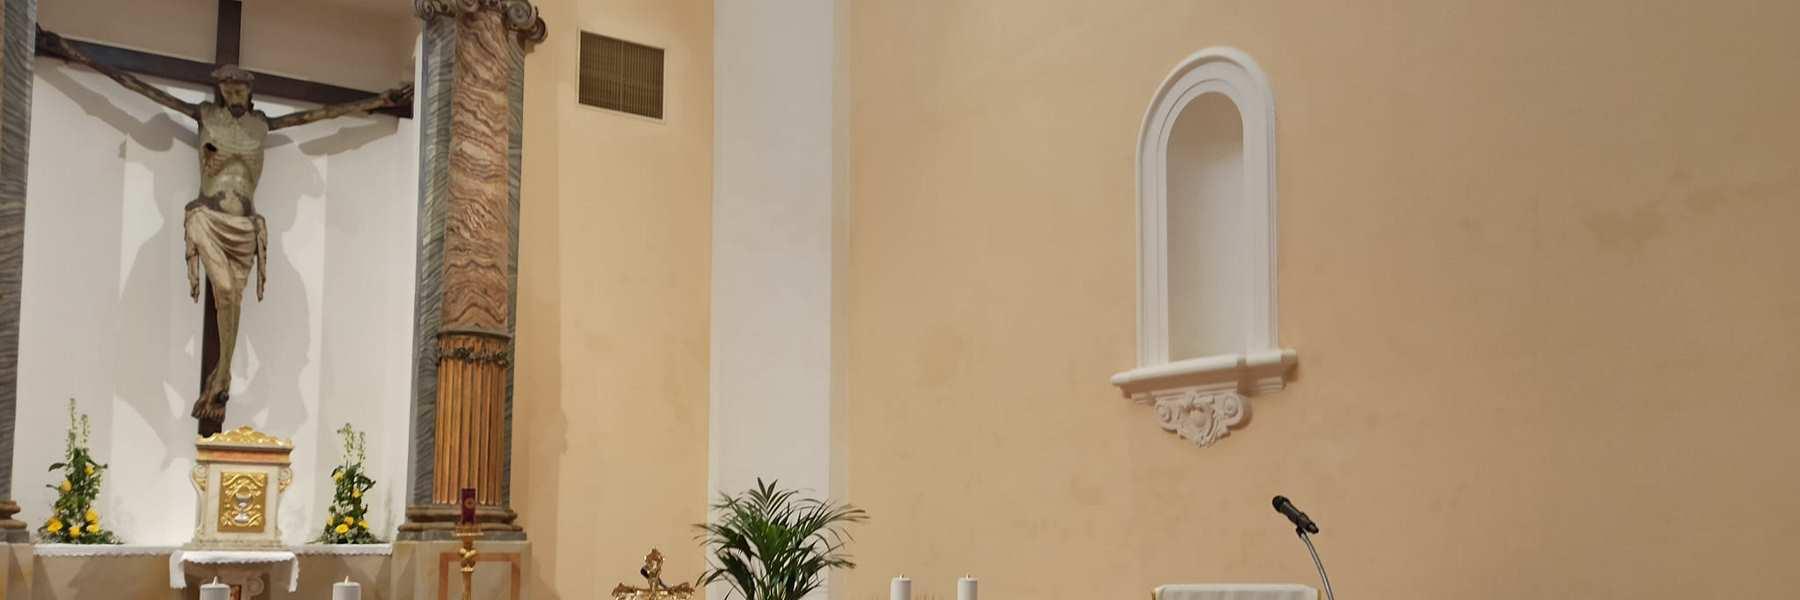 Hölzerne Kruzifix in der Suffragio Kirche